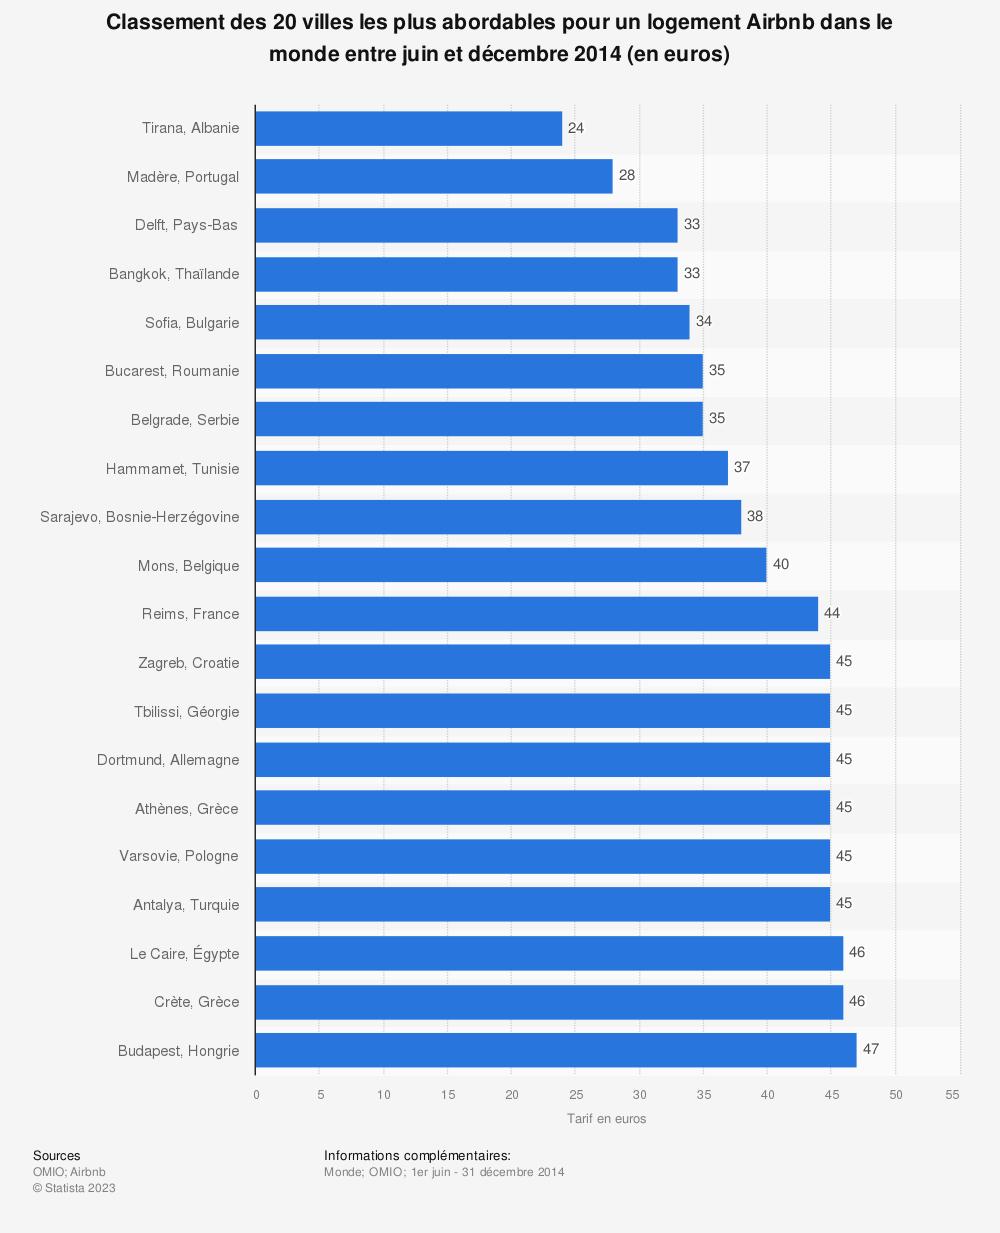 Statistique: Classement des 20 villes les plus abordables pour un logement Airbnb dans le monde entre juin et décembre 2014 (en euros) | Statista